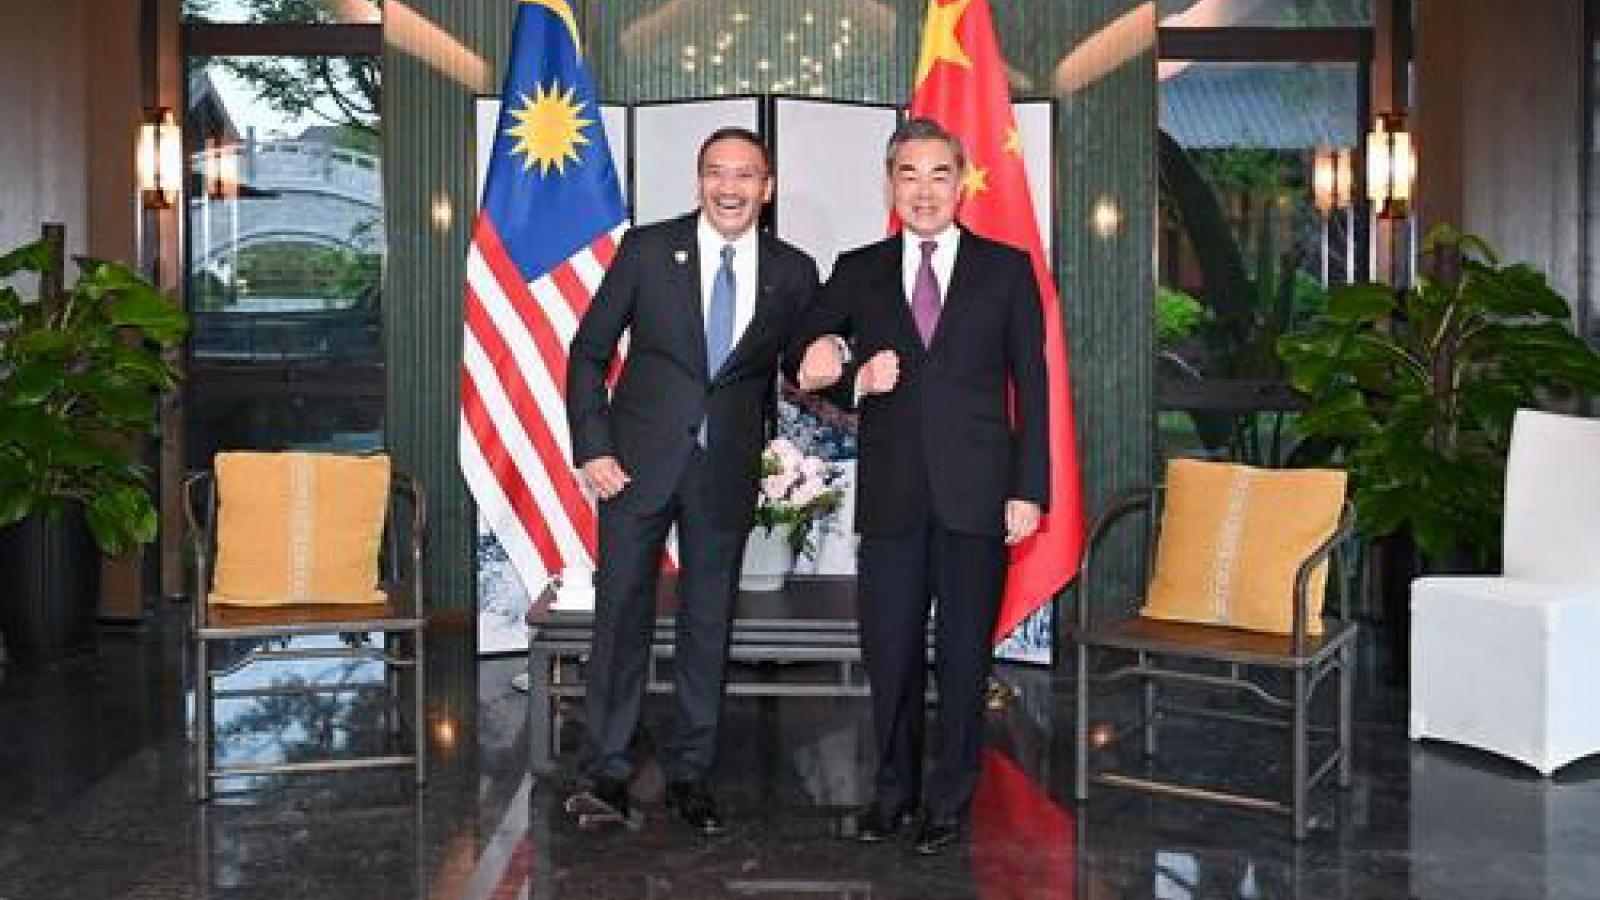 Trung Quốc ủng hộ cách tiếp cận của ASEAN xử lý khủng hoảng tại Myanmar